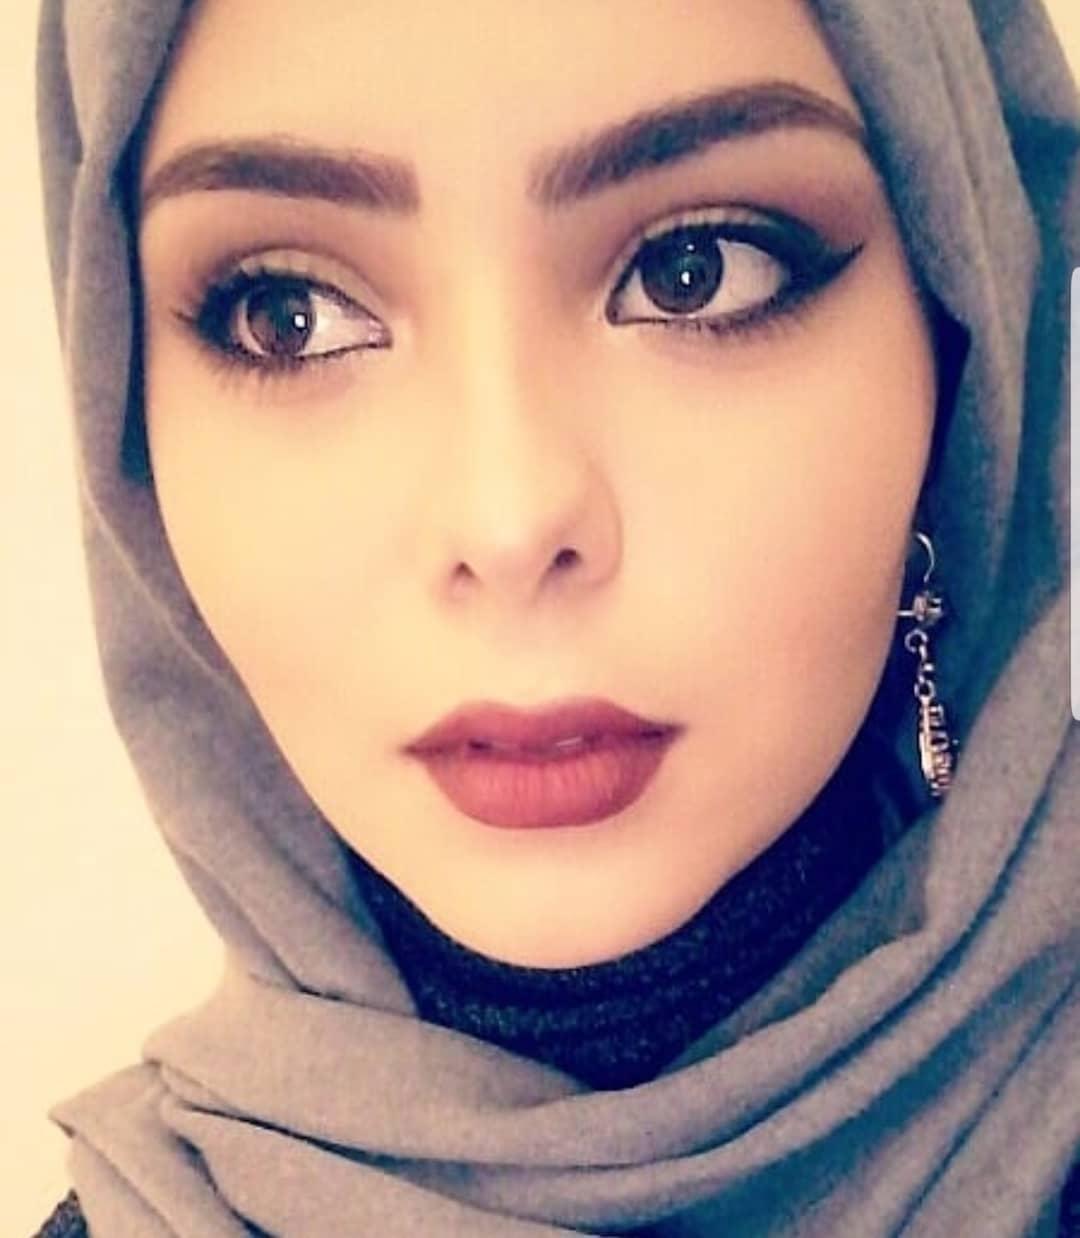 صورة اجمل صور بنات محجبات , فتيات بالحجاب حلوات جدا 5210 1